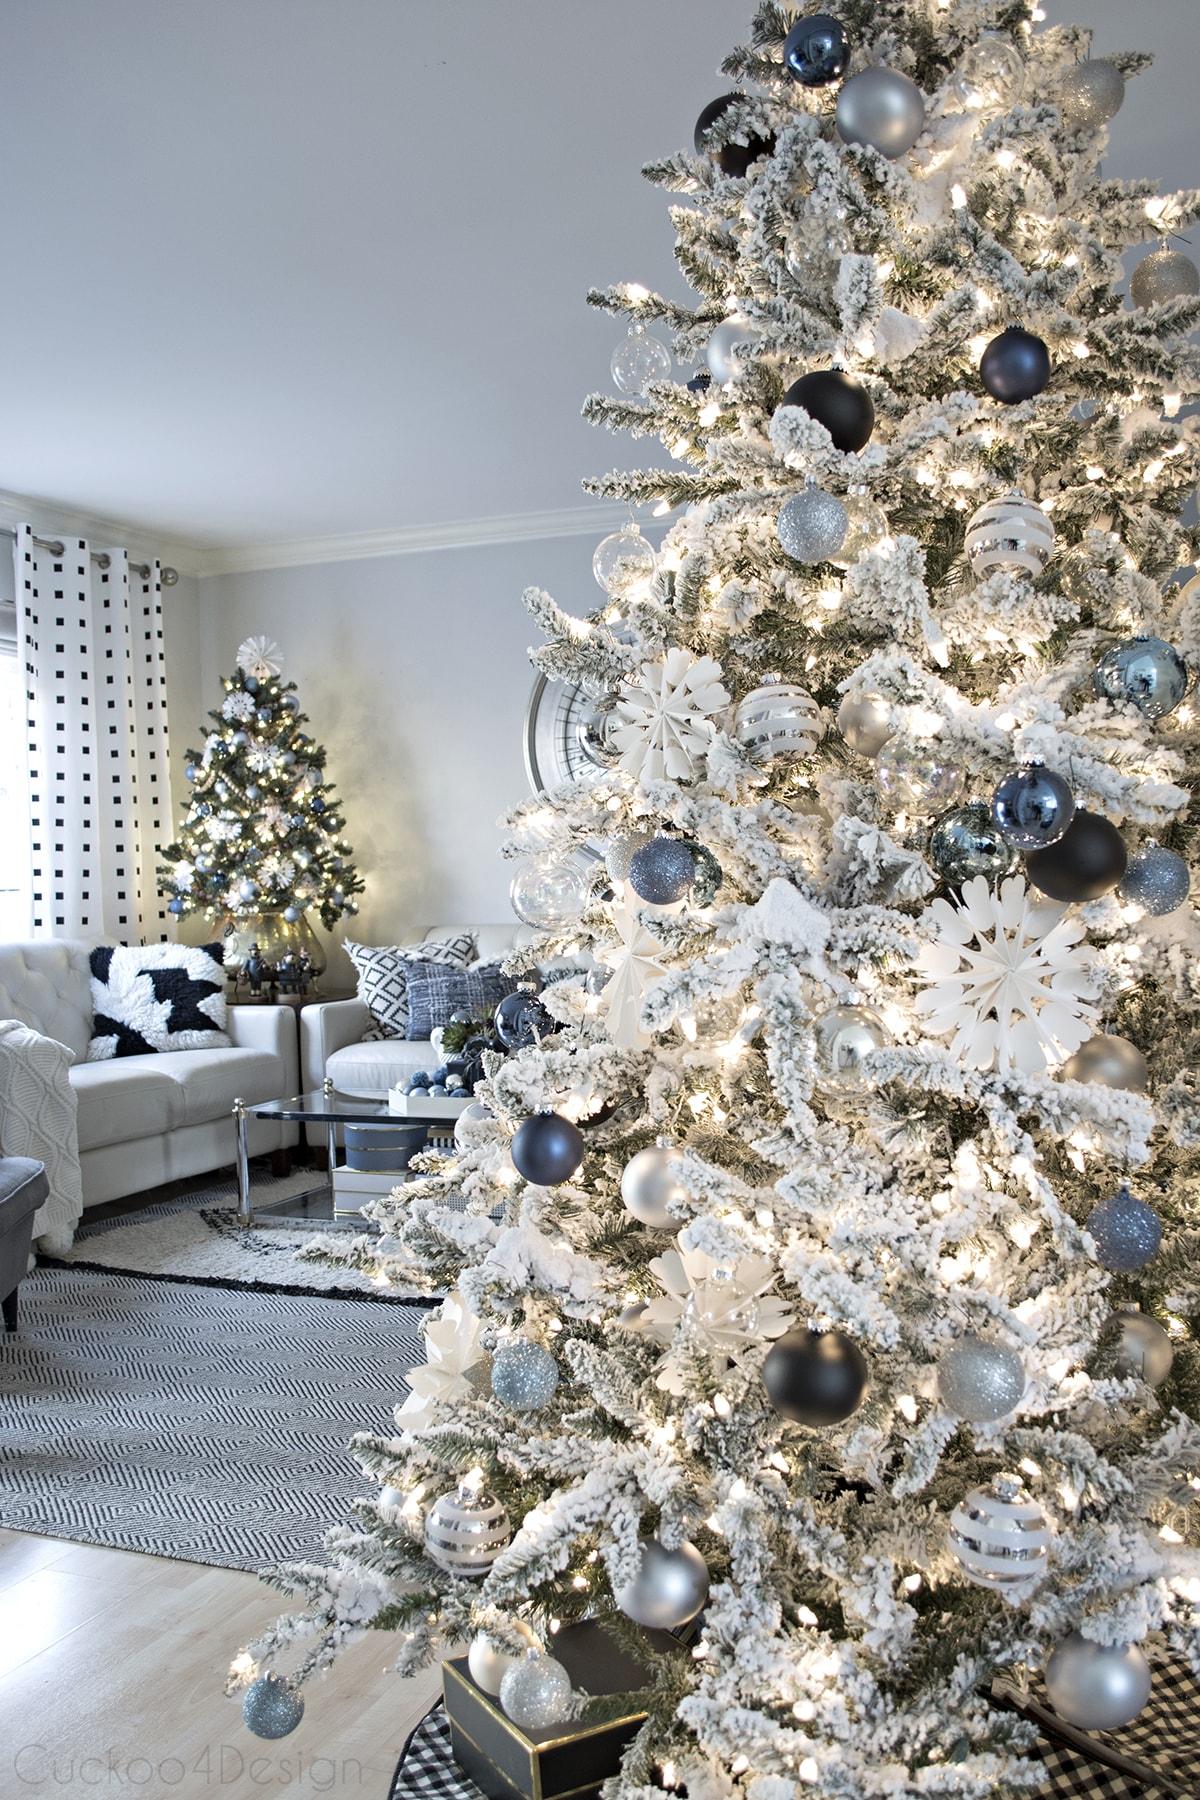 denim_blue_and_cream_christmas_living_room_2016_21